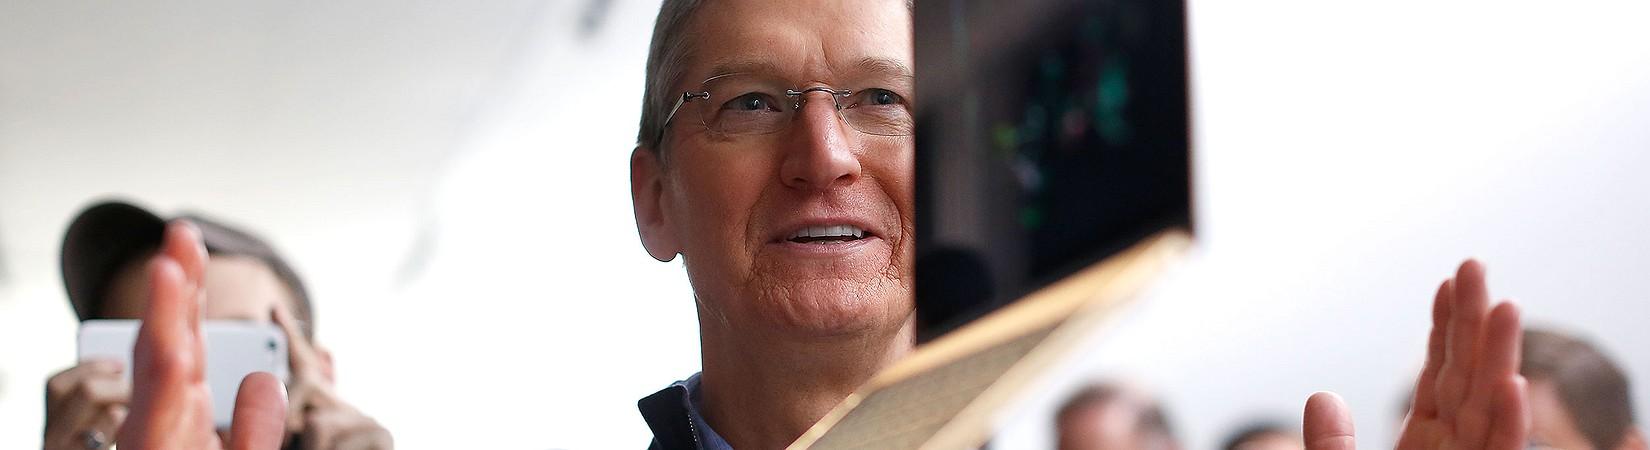 Todo lo que se sabe acerca del próximo MacBook Pro